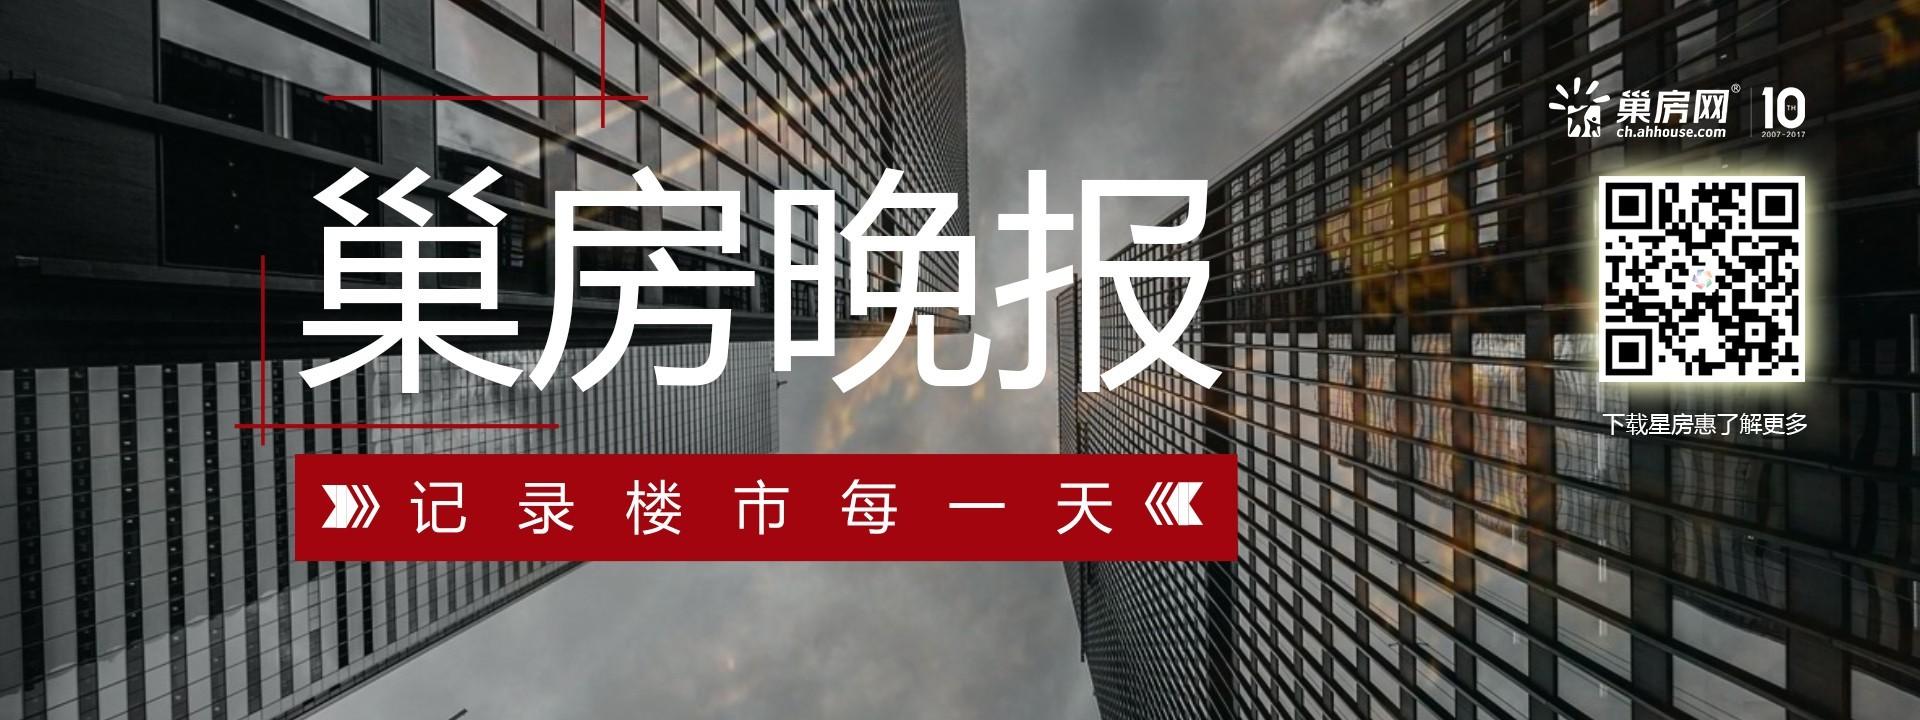 9月20日巢房网新闻晚报: 实探加侨悦侯府地块